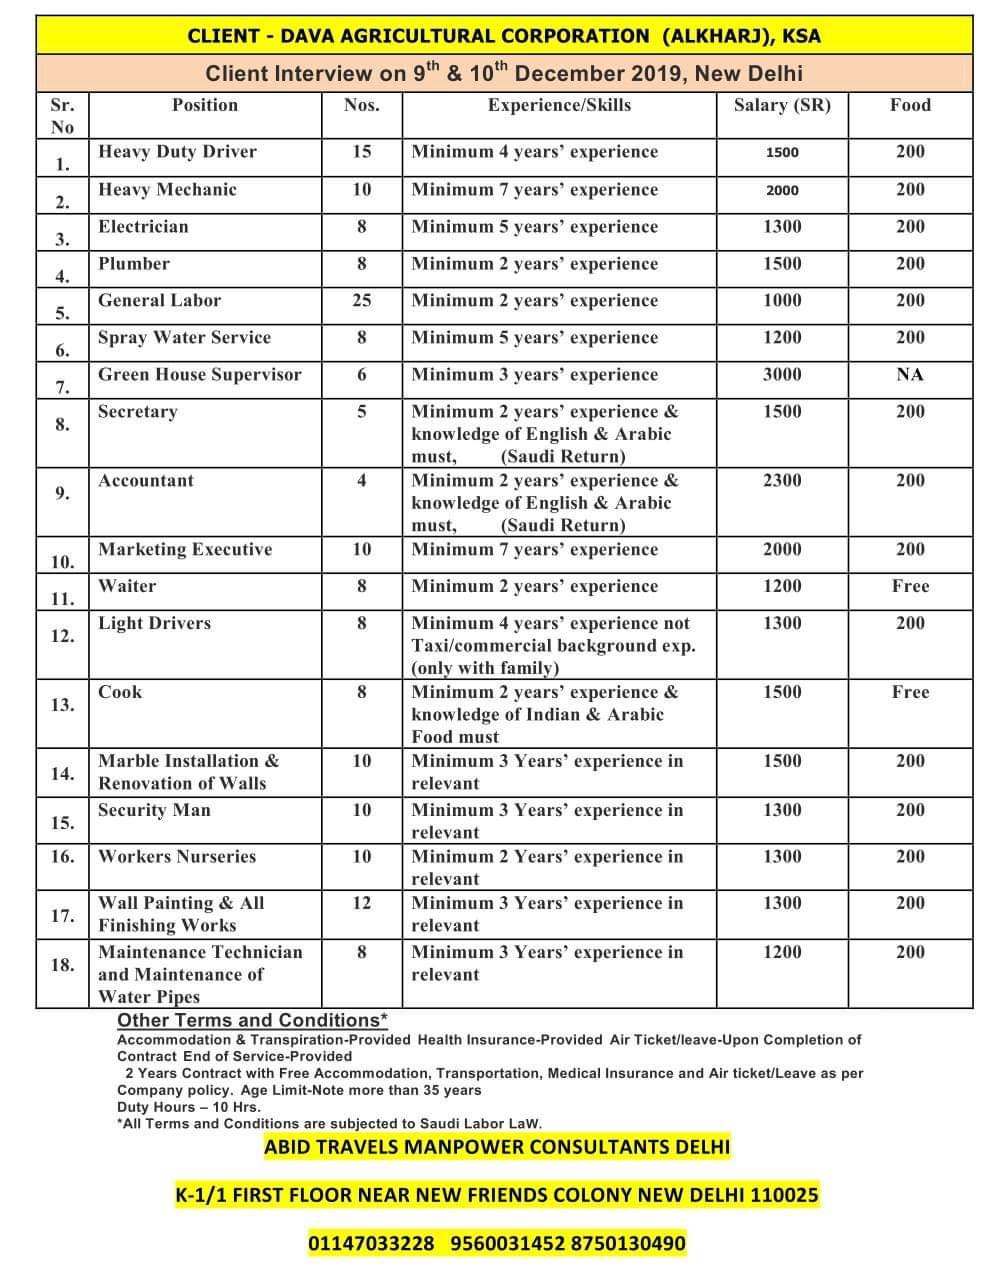 DAVA AGRICULTURAL CORPORATION KSA JOB VACANCIES